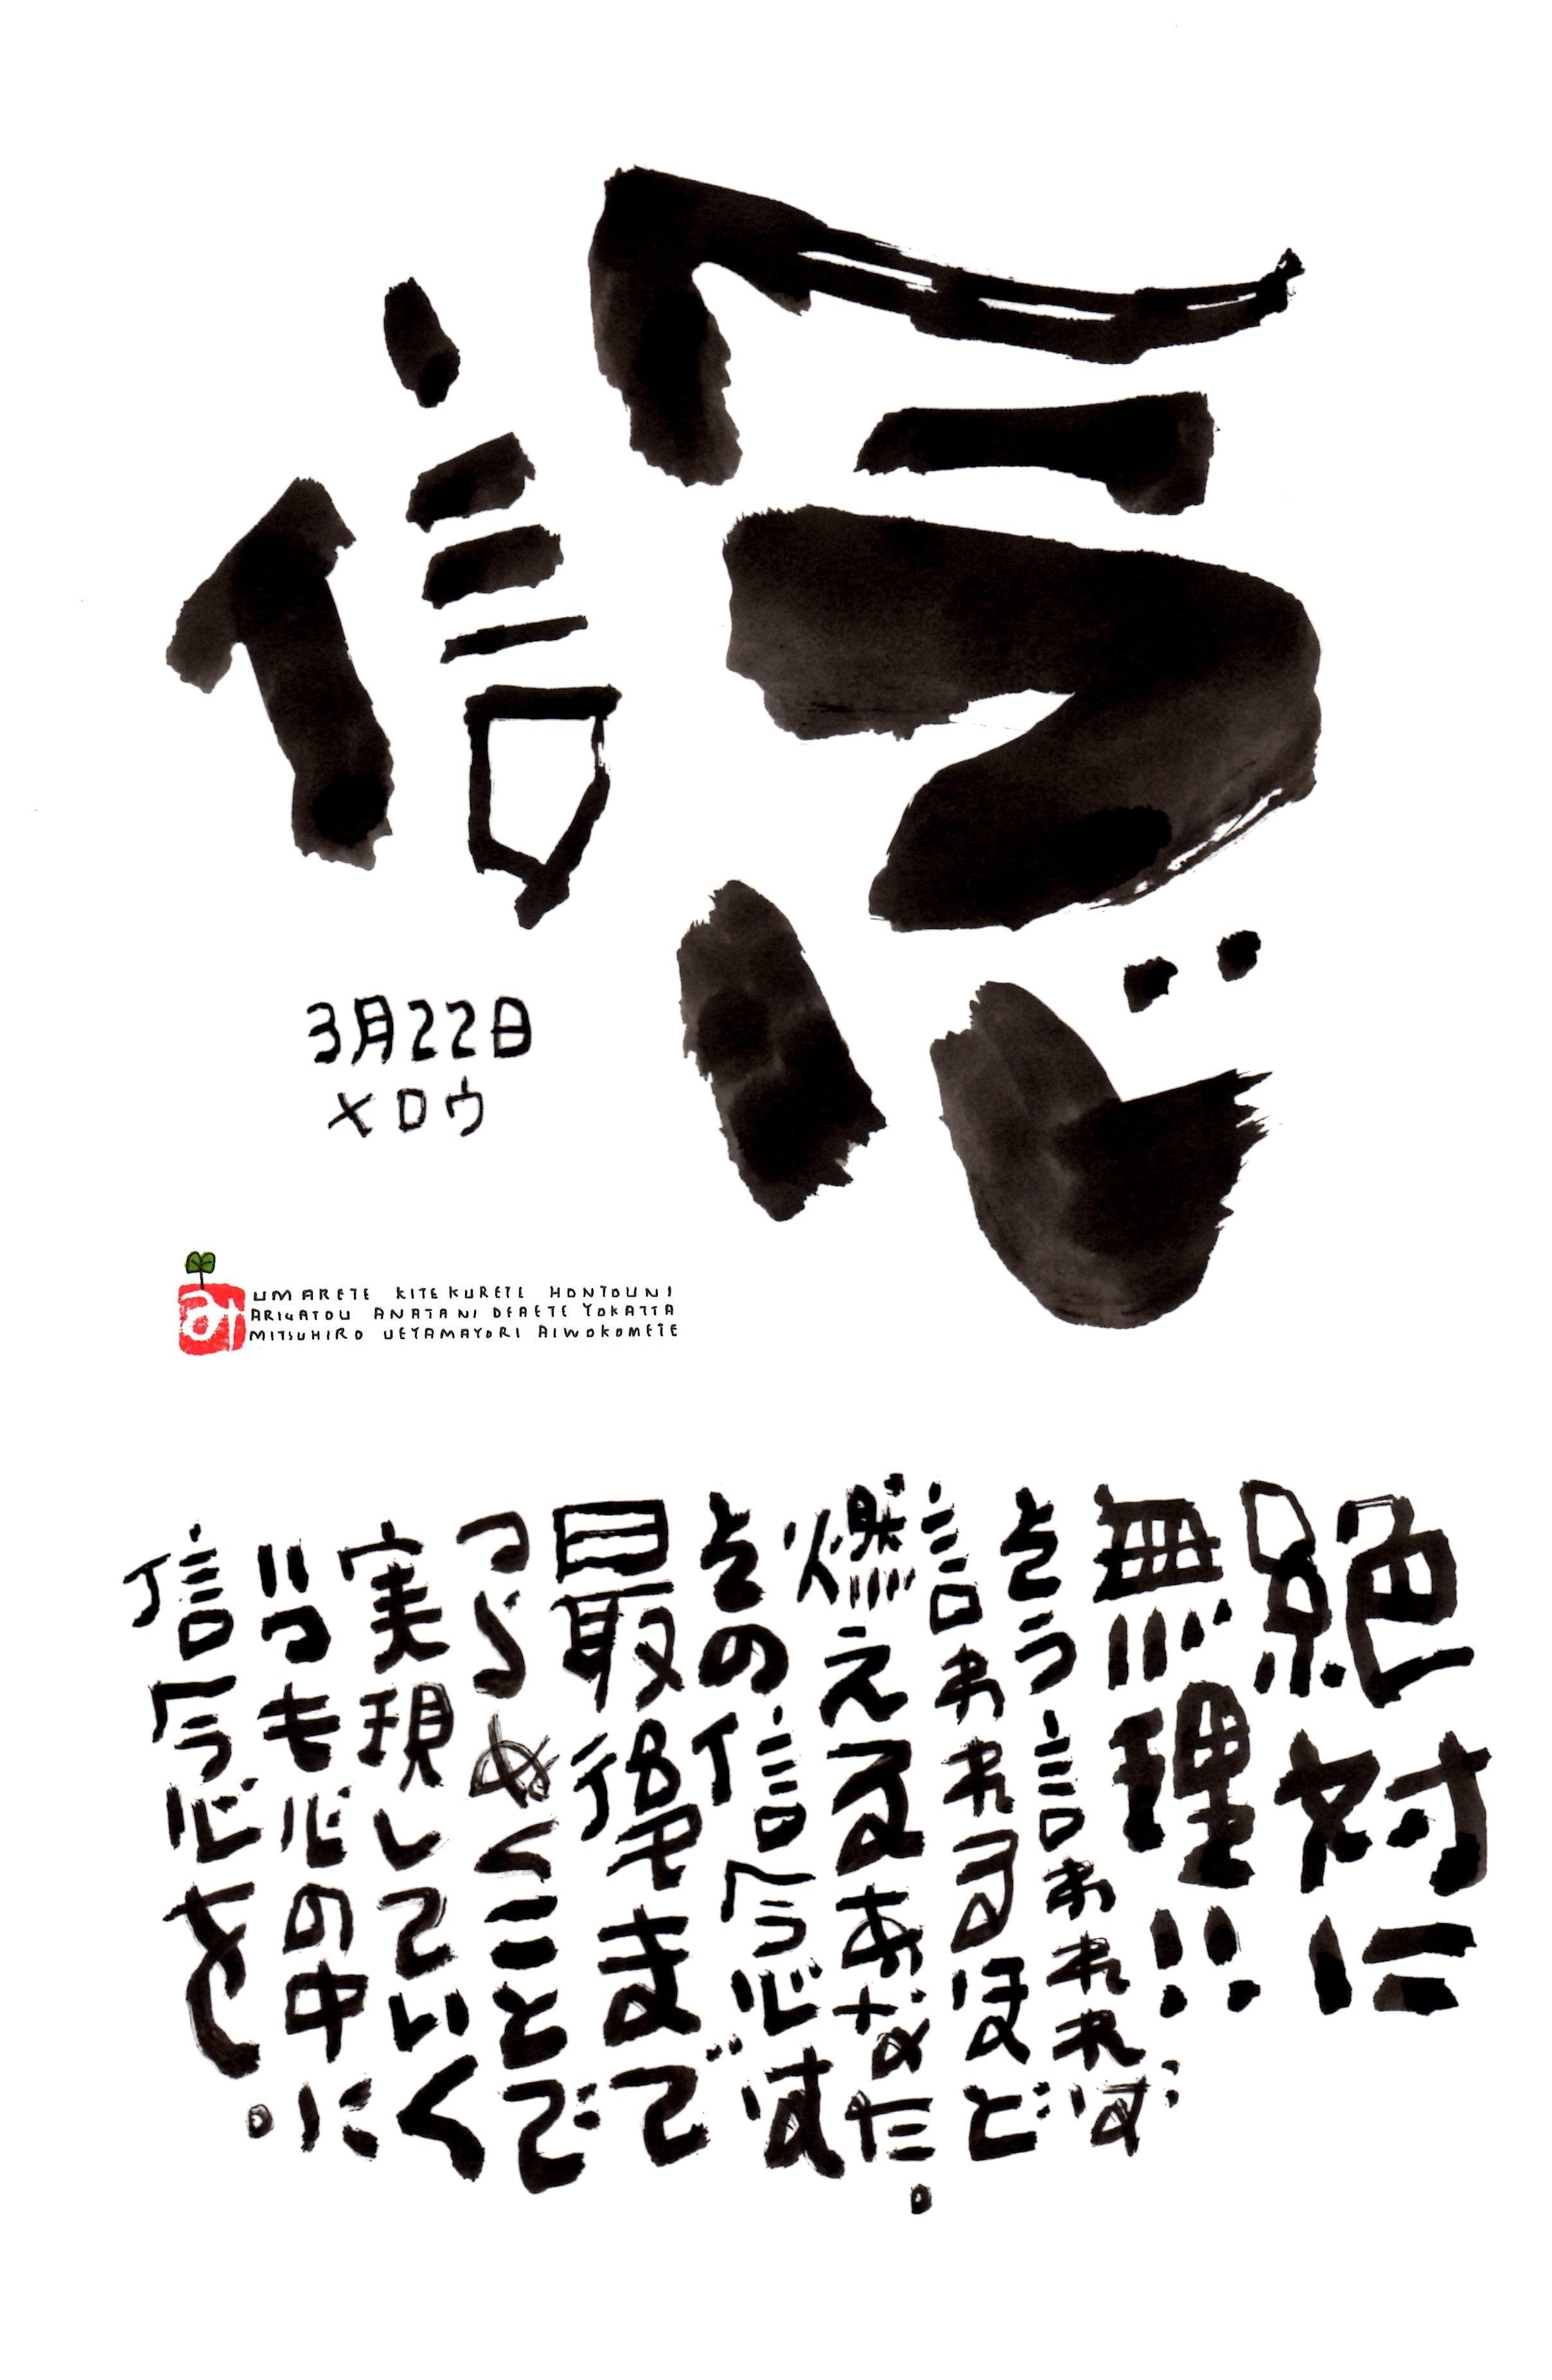 3月22日 誕生日ポストカード【信念】belief